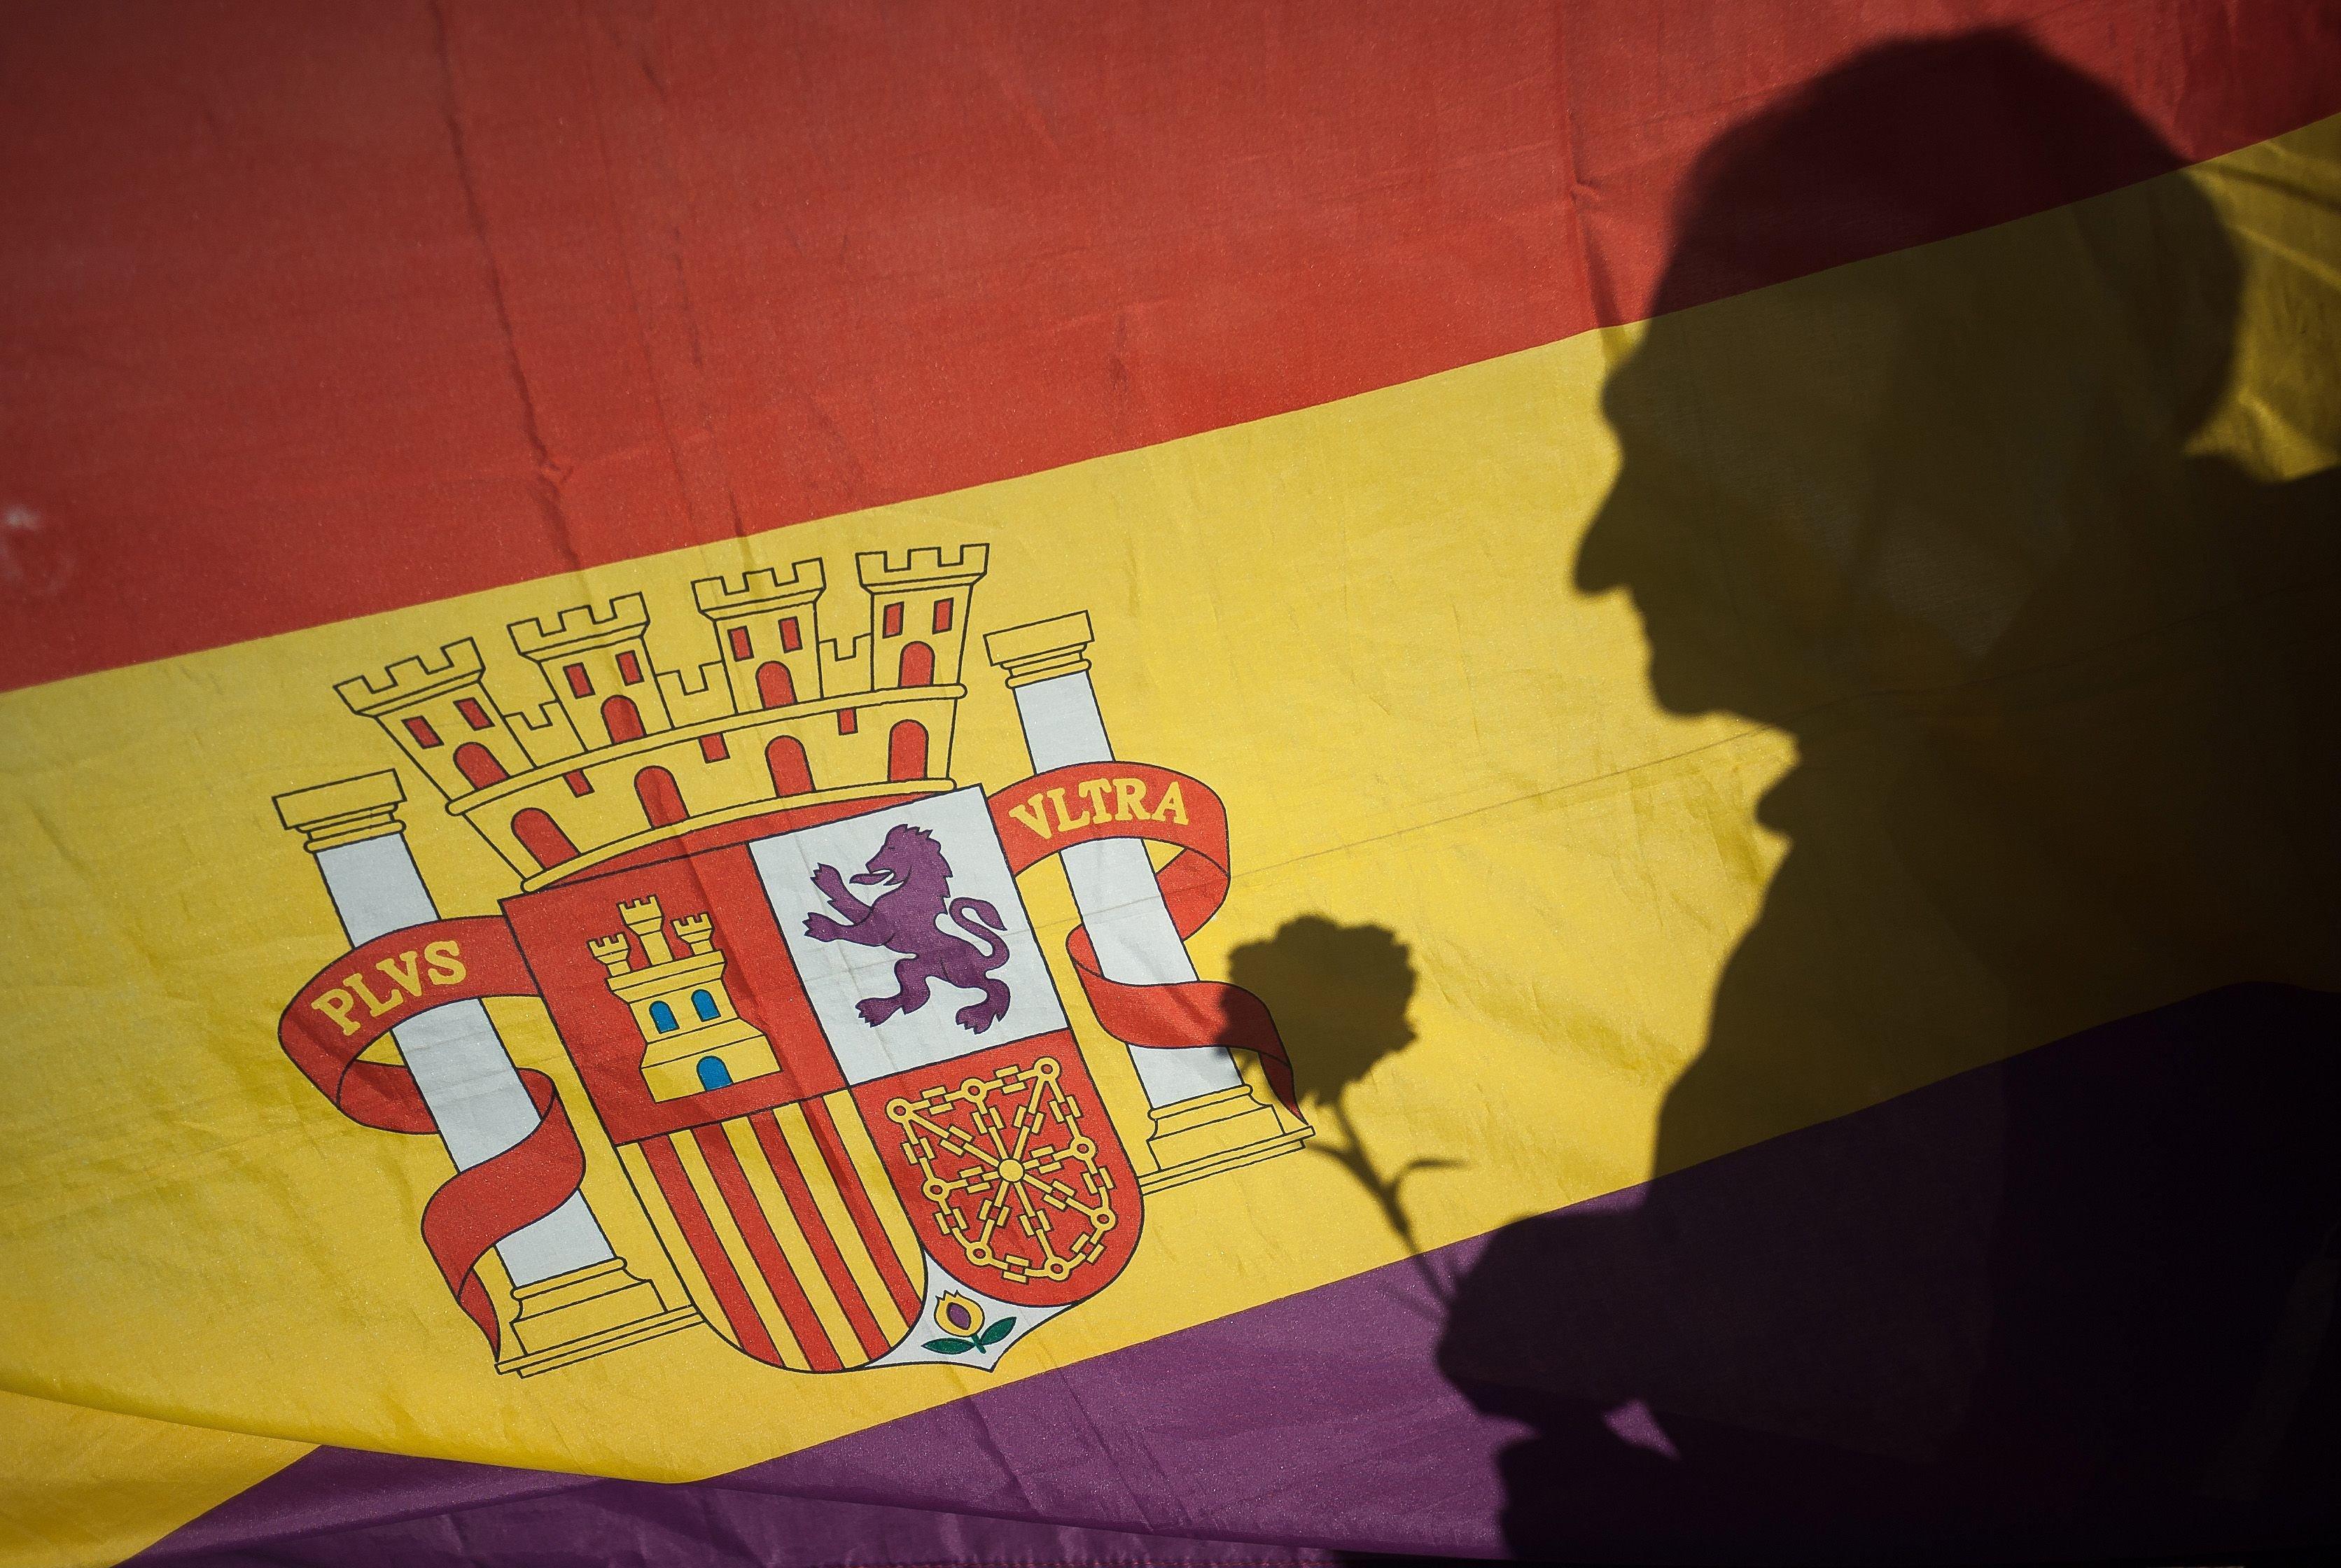 Připomínka republikánů padlých ve španělské občanské válce